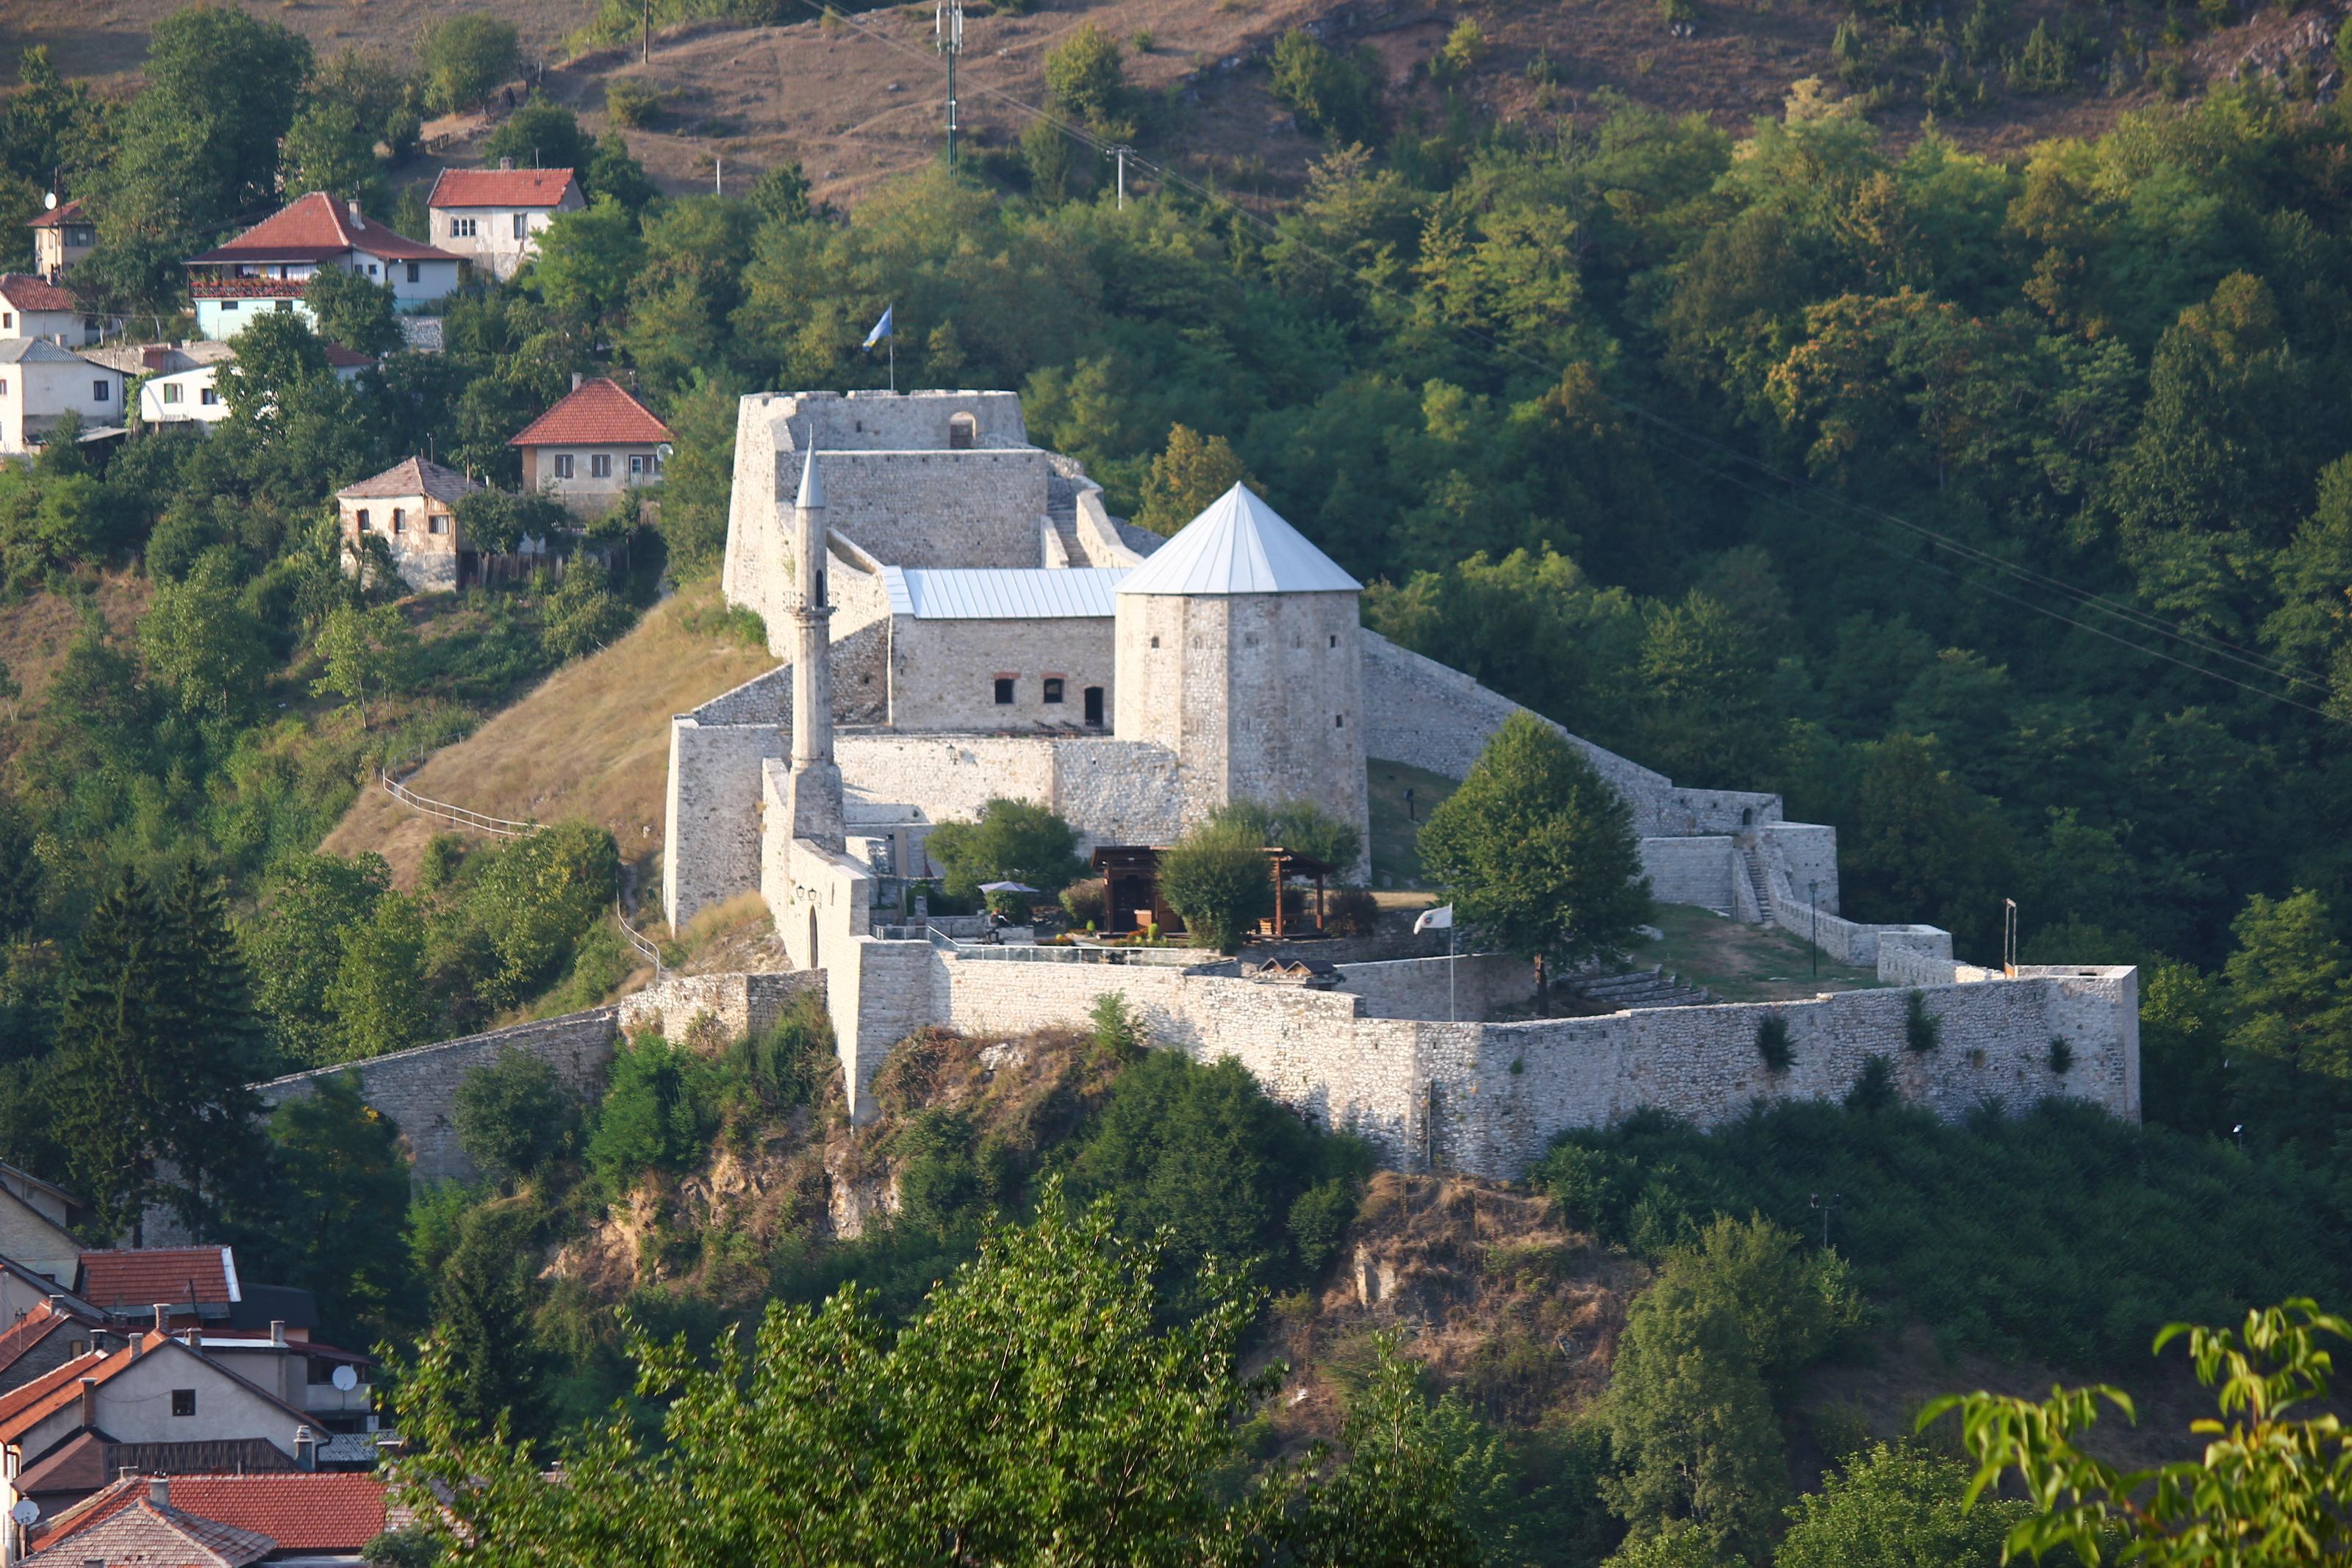 File:Travnik Festung 1.JPG - Wikimedia Commons